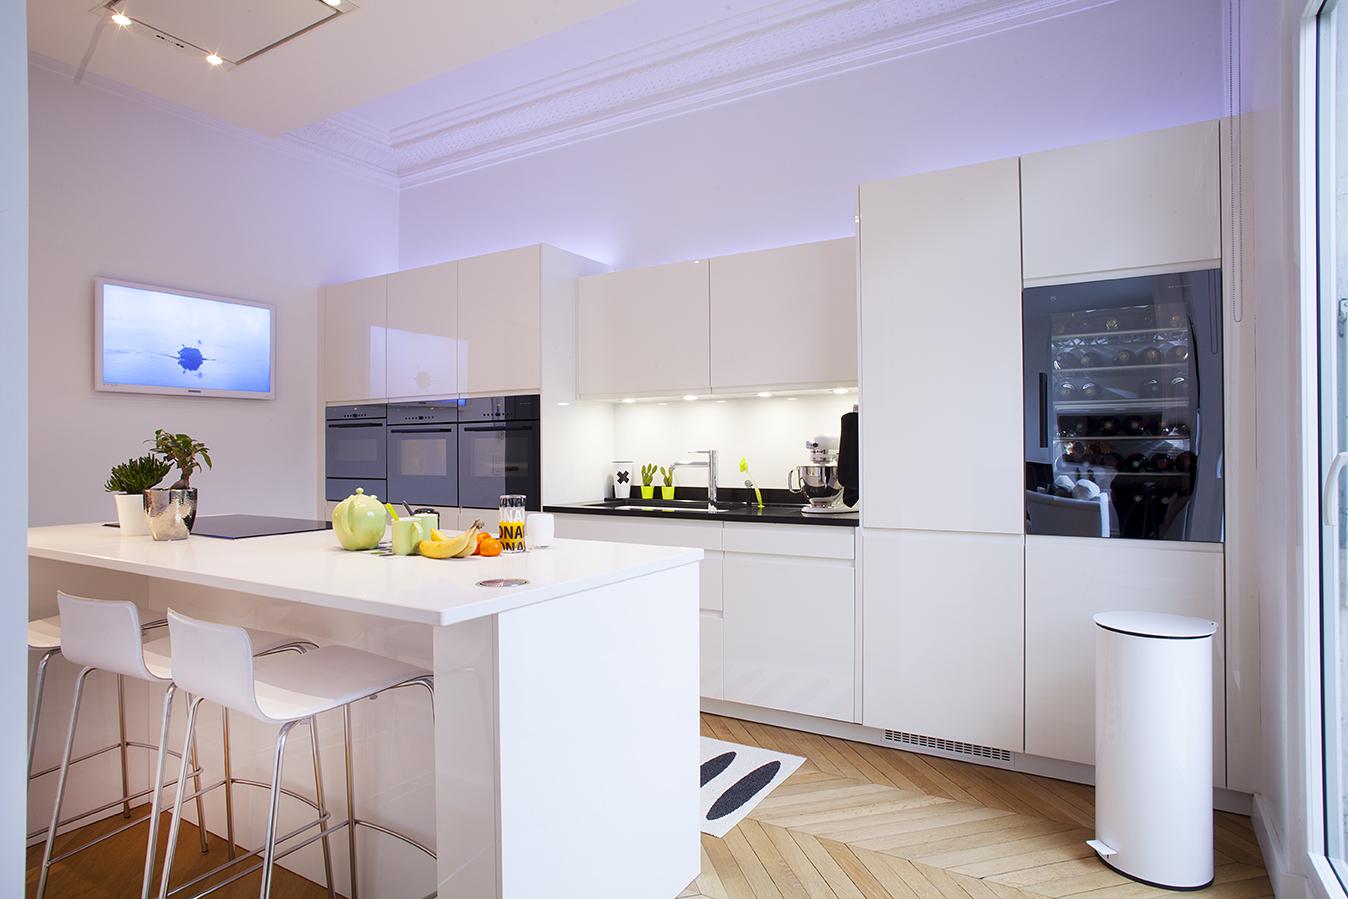 concours cuisines cuisines et bains. Black Bedroom Furniture Sets. Home Design Ideas